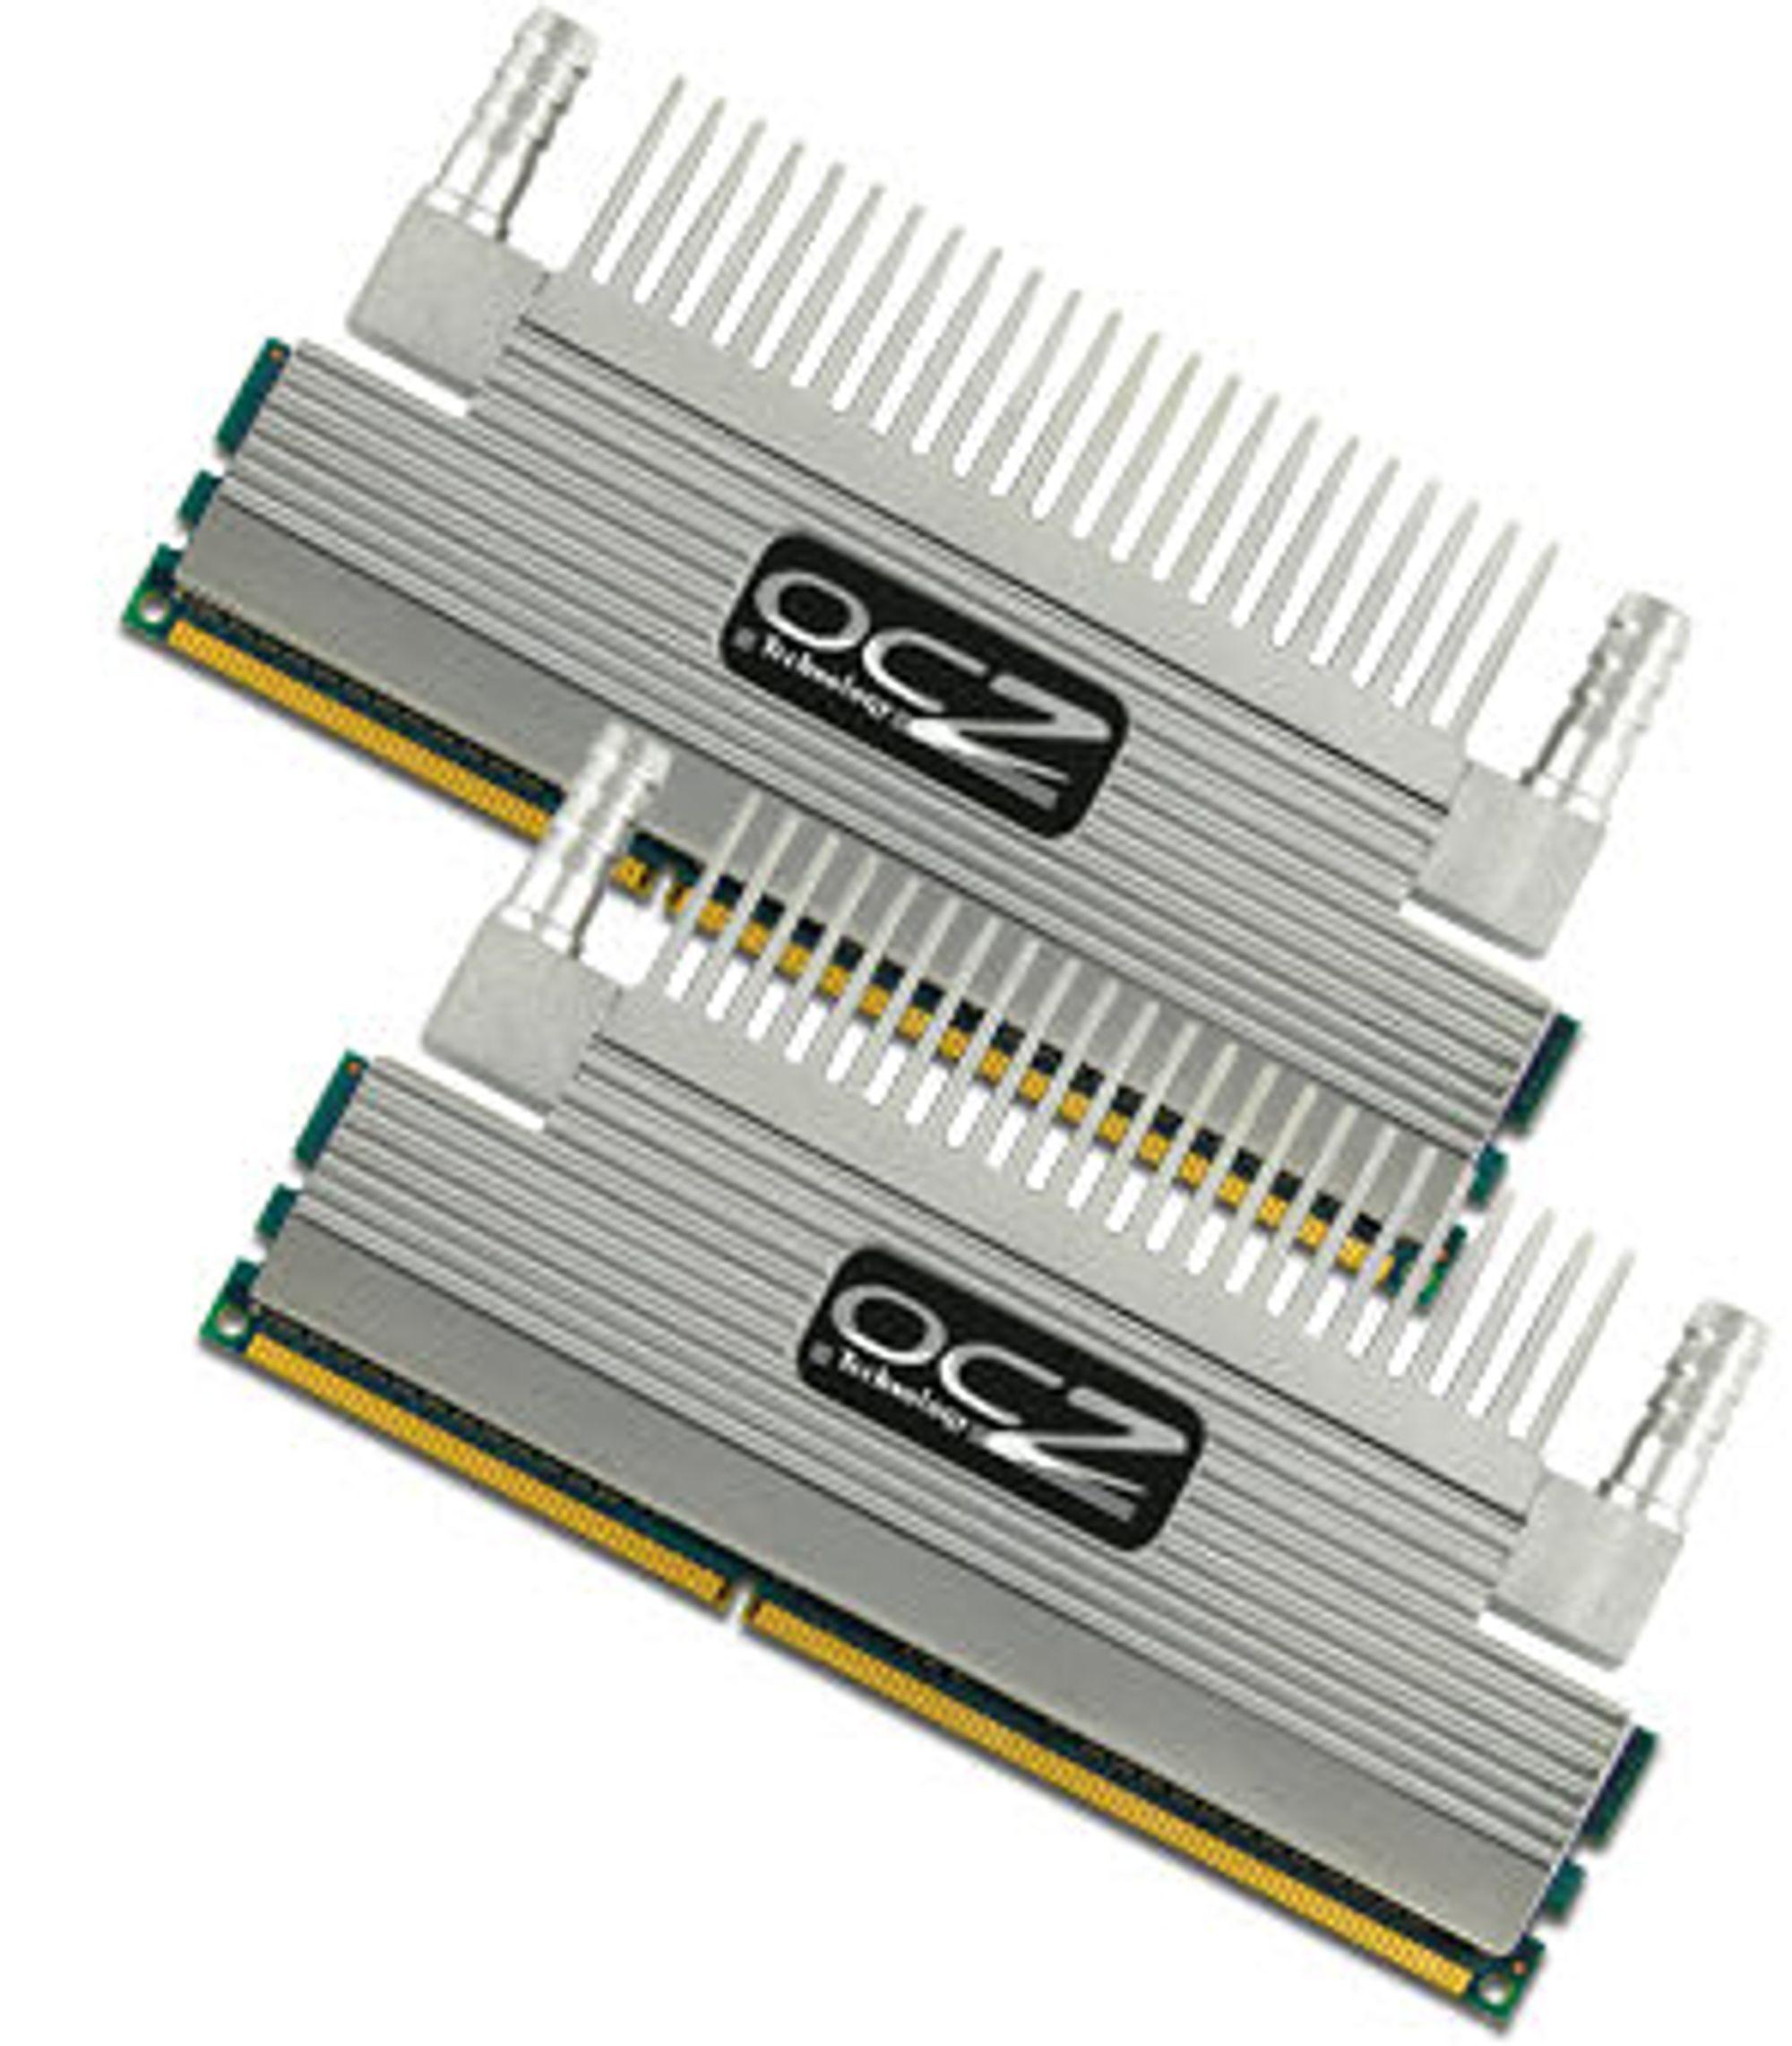 OCZ DDR3 PC3-12800 FlexXLC Edition